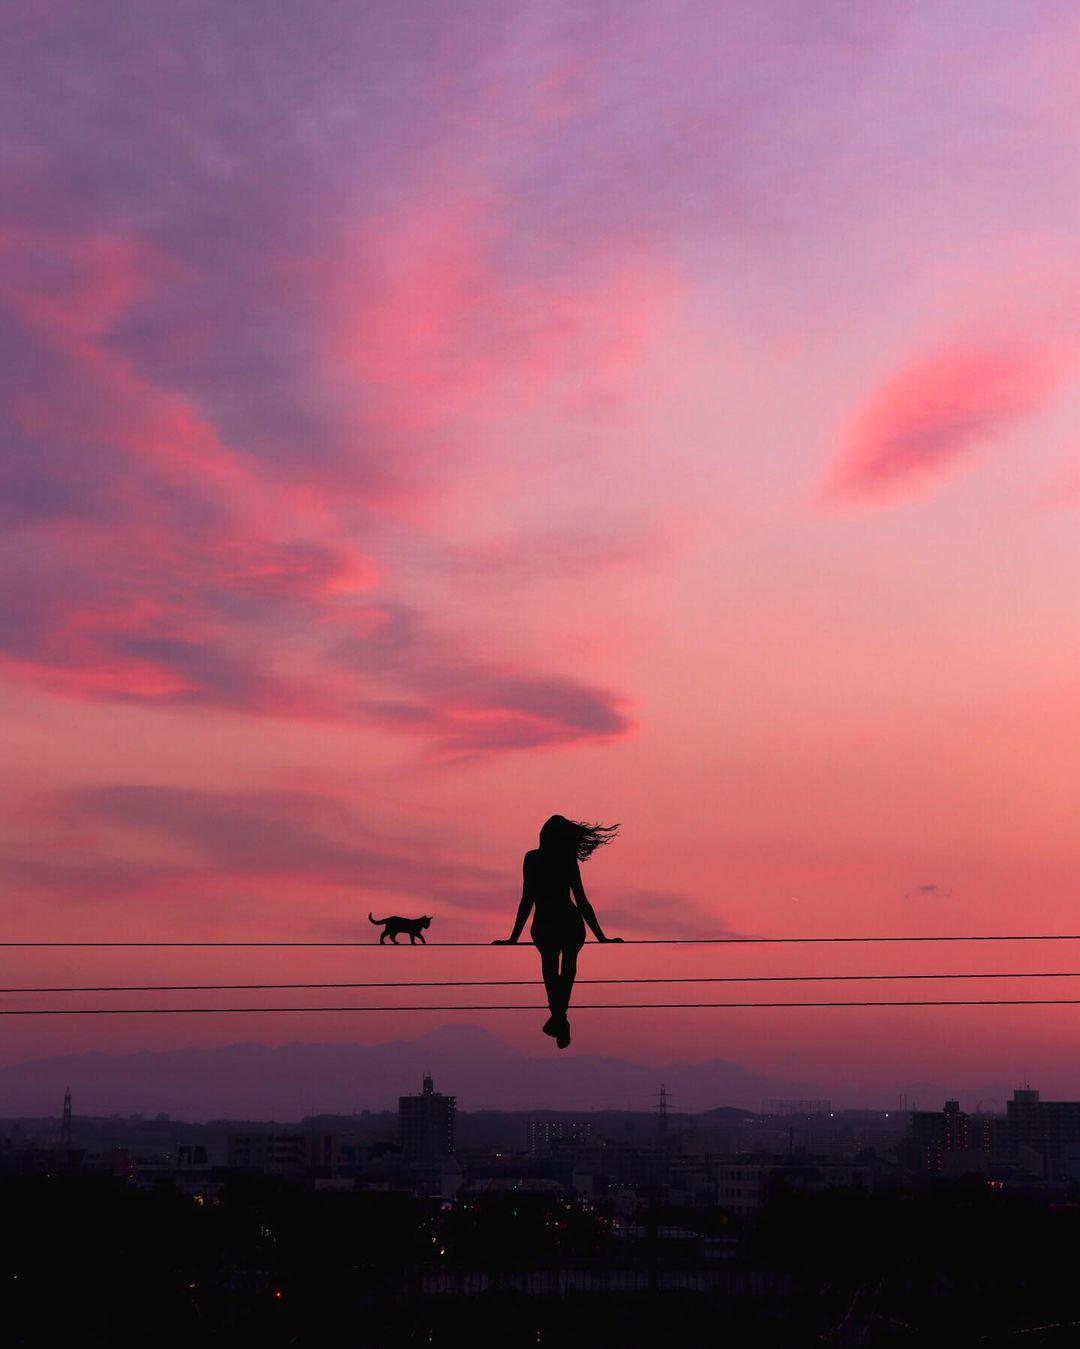 Фотоманипуляции и цифровые коллажи от Абдуллы Эвиндара